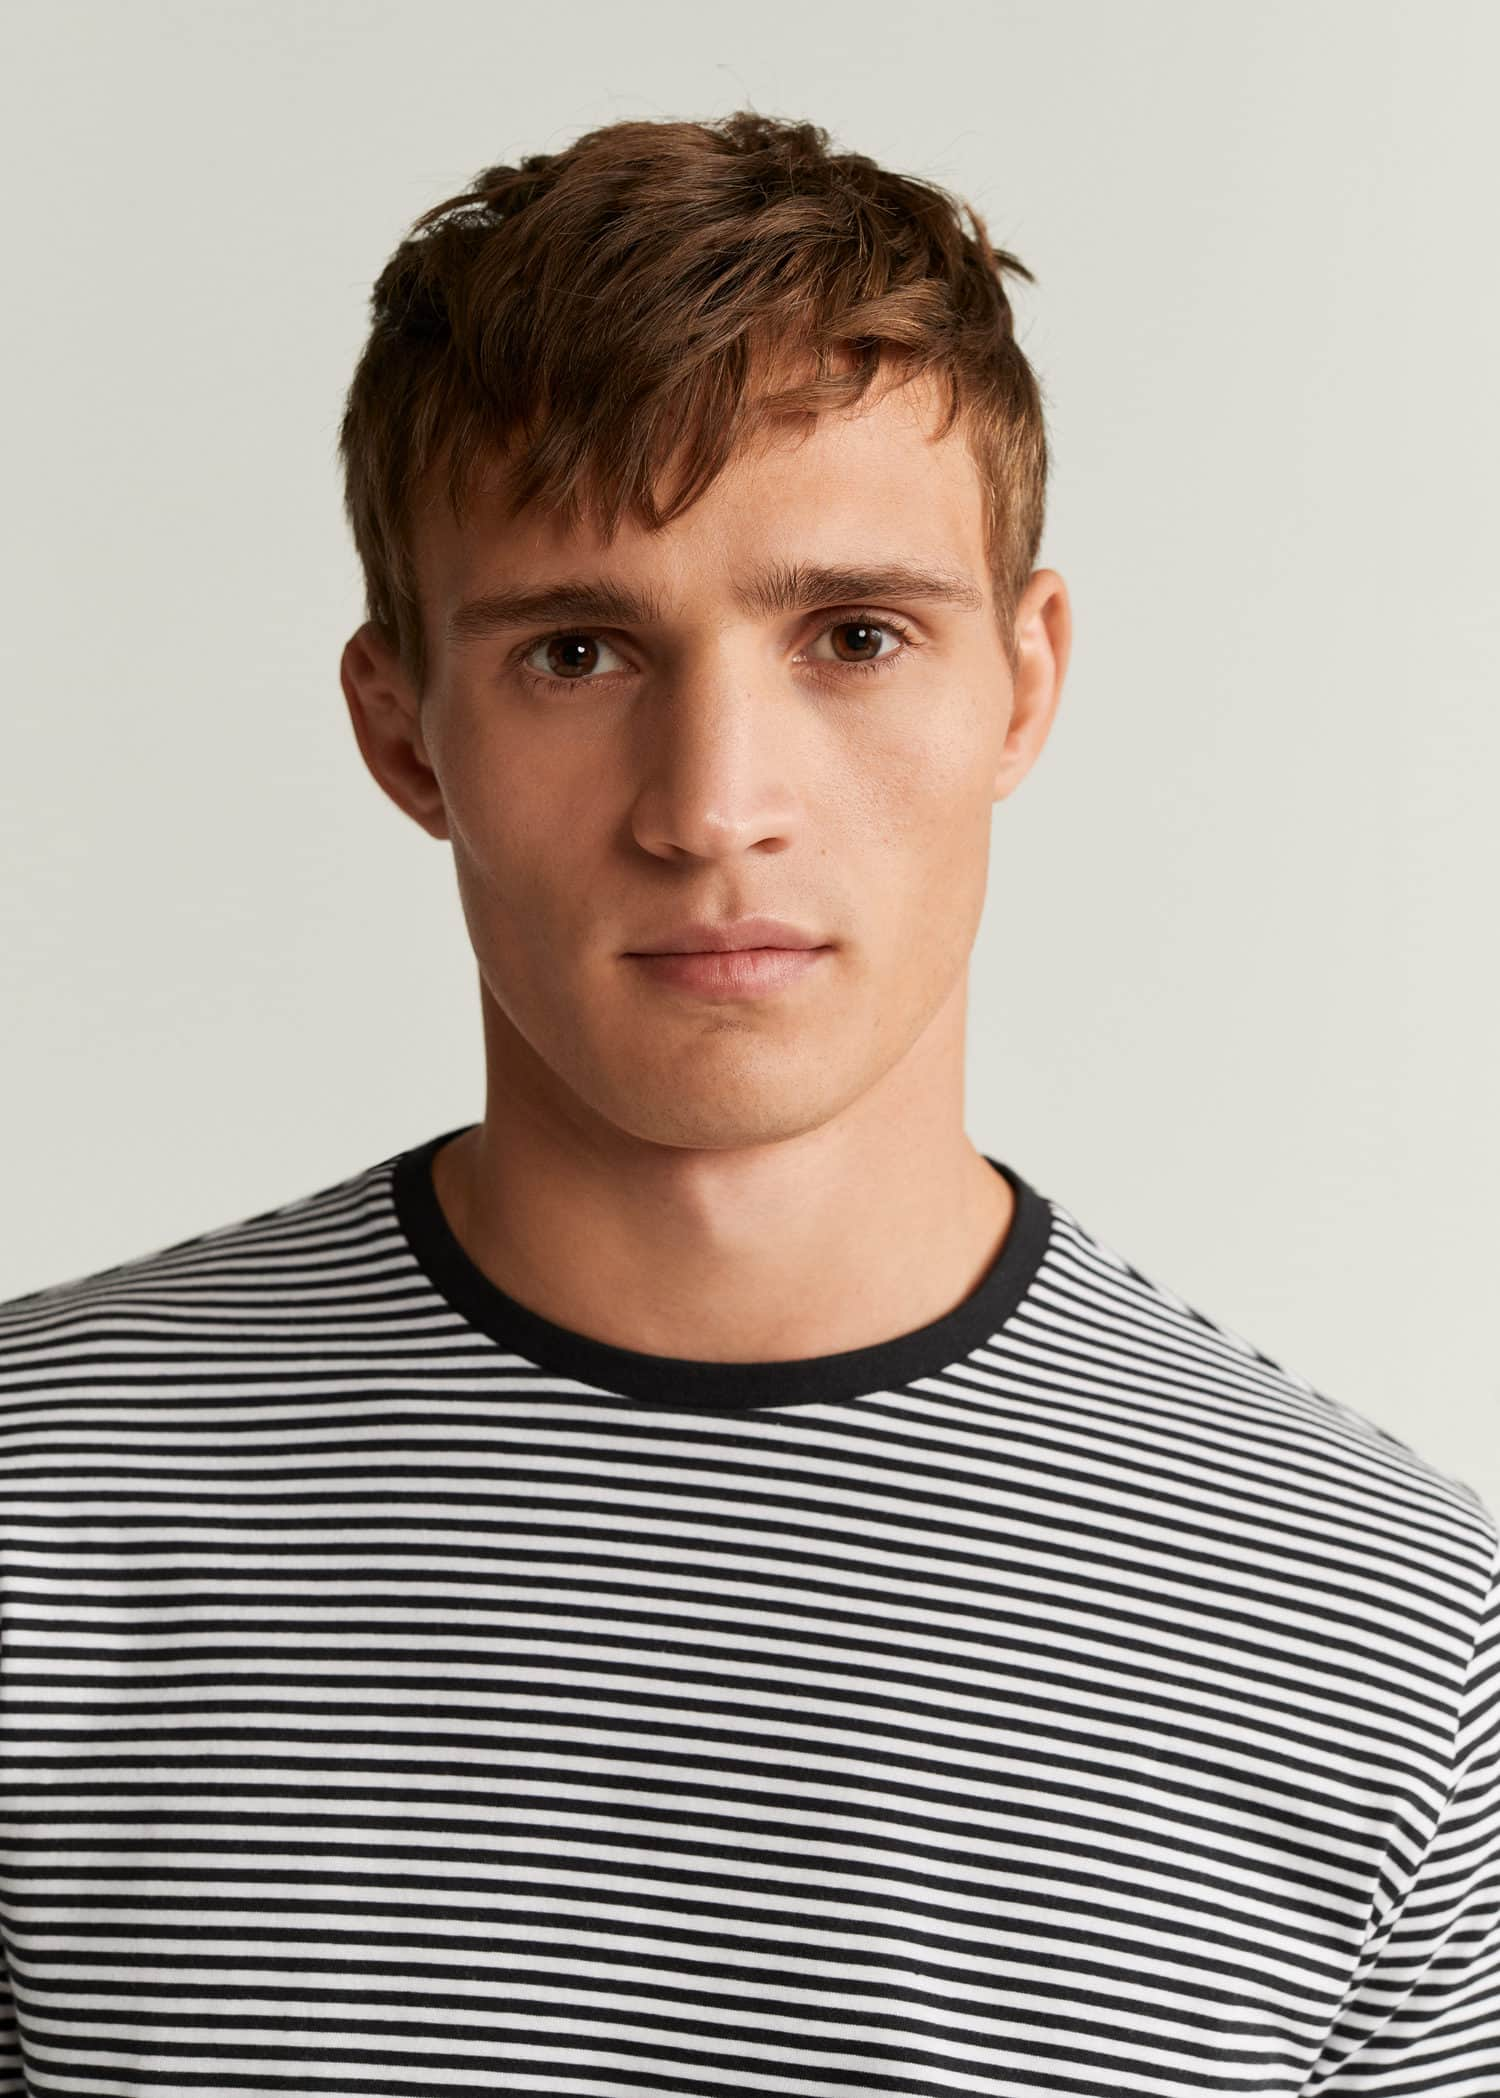 Stripet Skjorter for Menn 2020 | Mango Man Norge